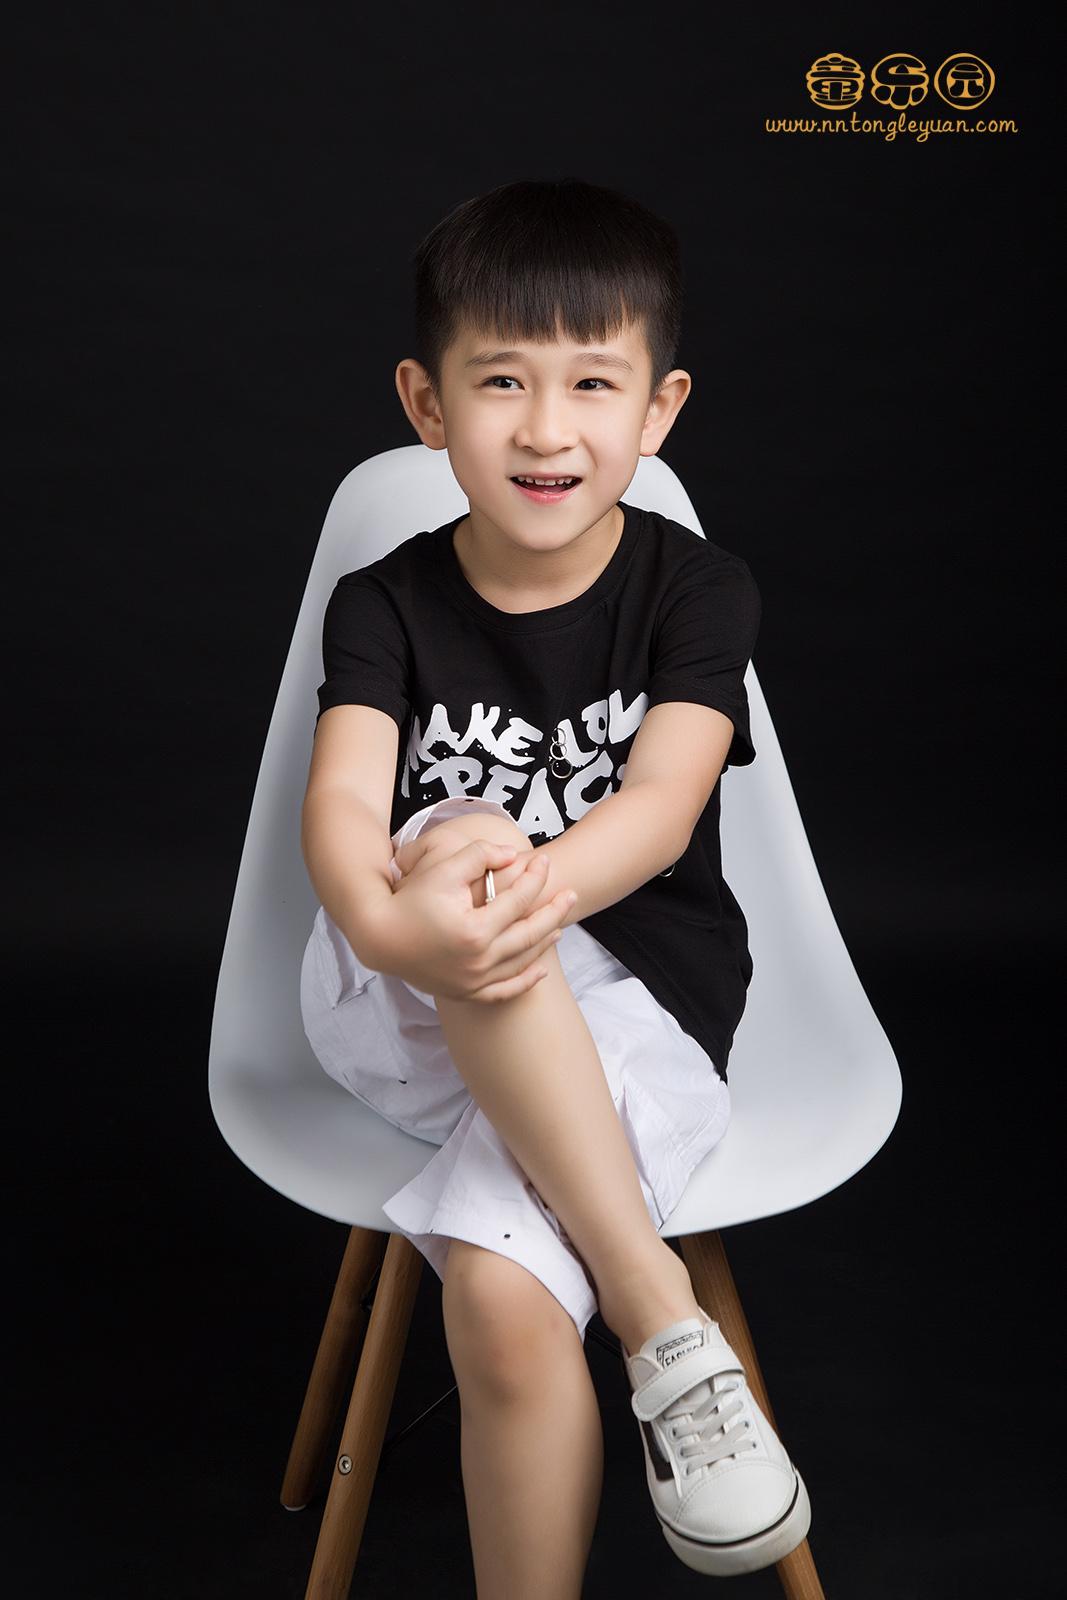 黄晟博(23).jpg